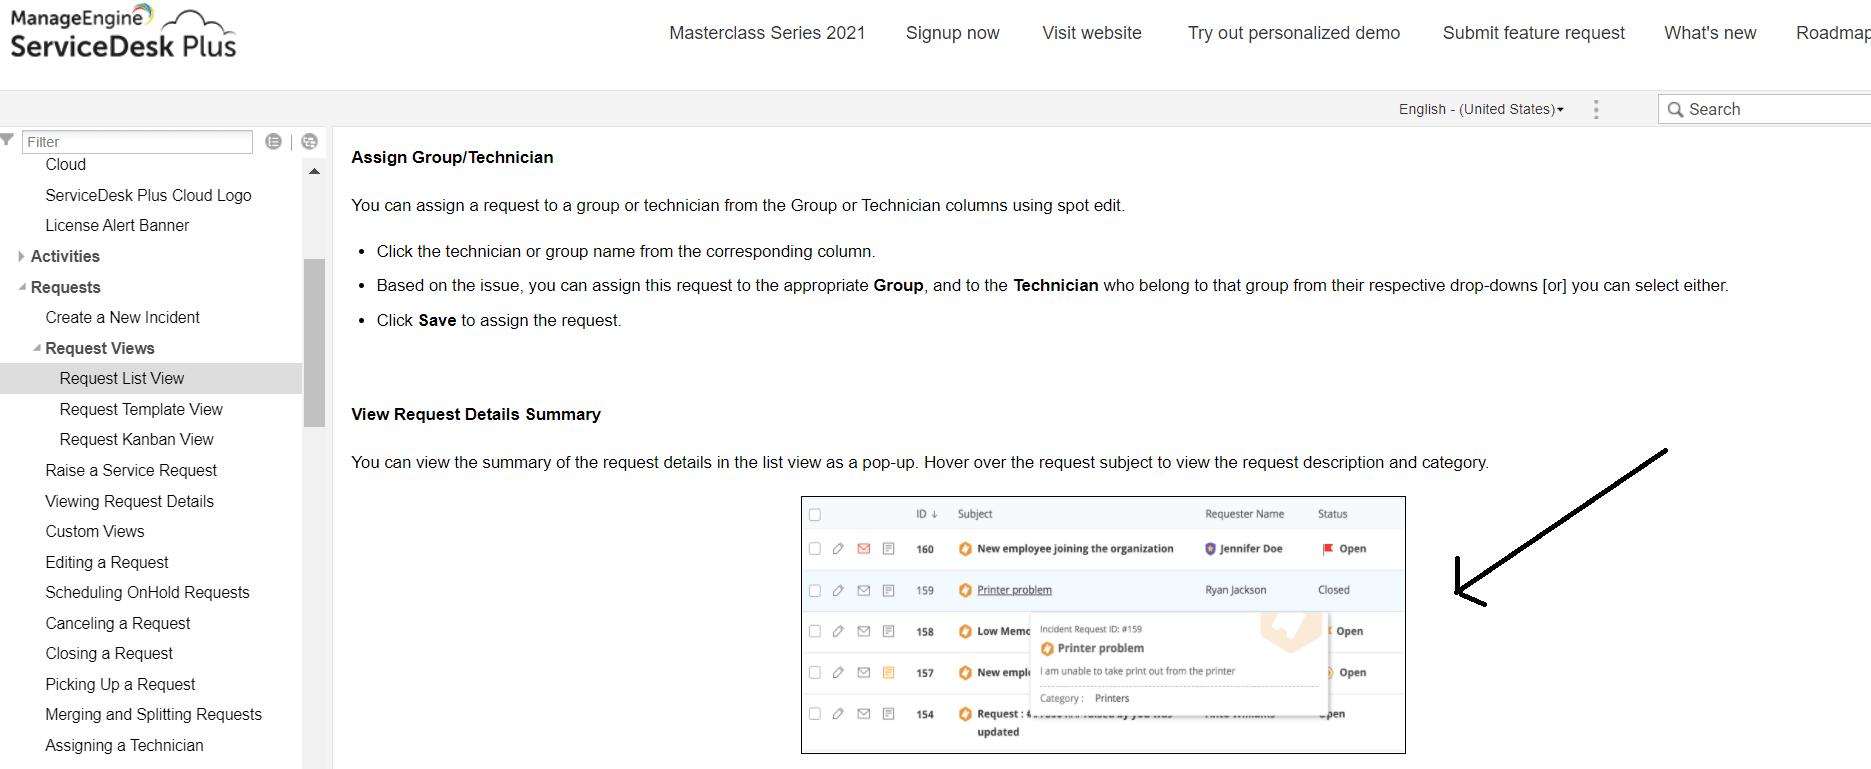 Manage Engine Internal documentation example